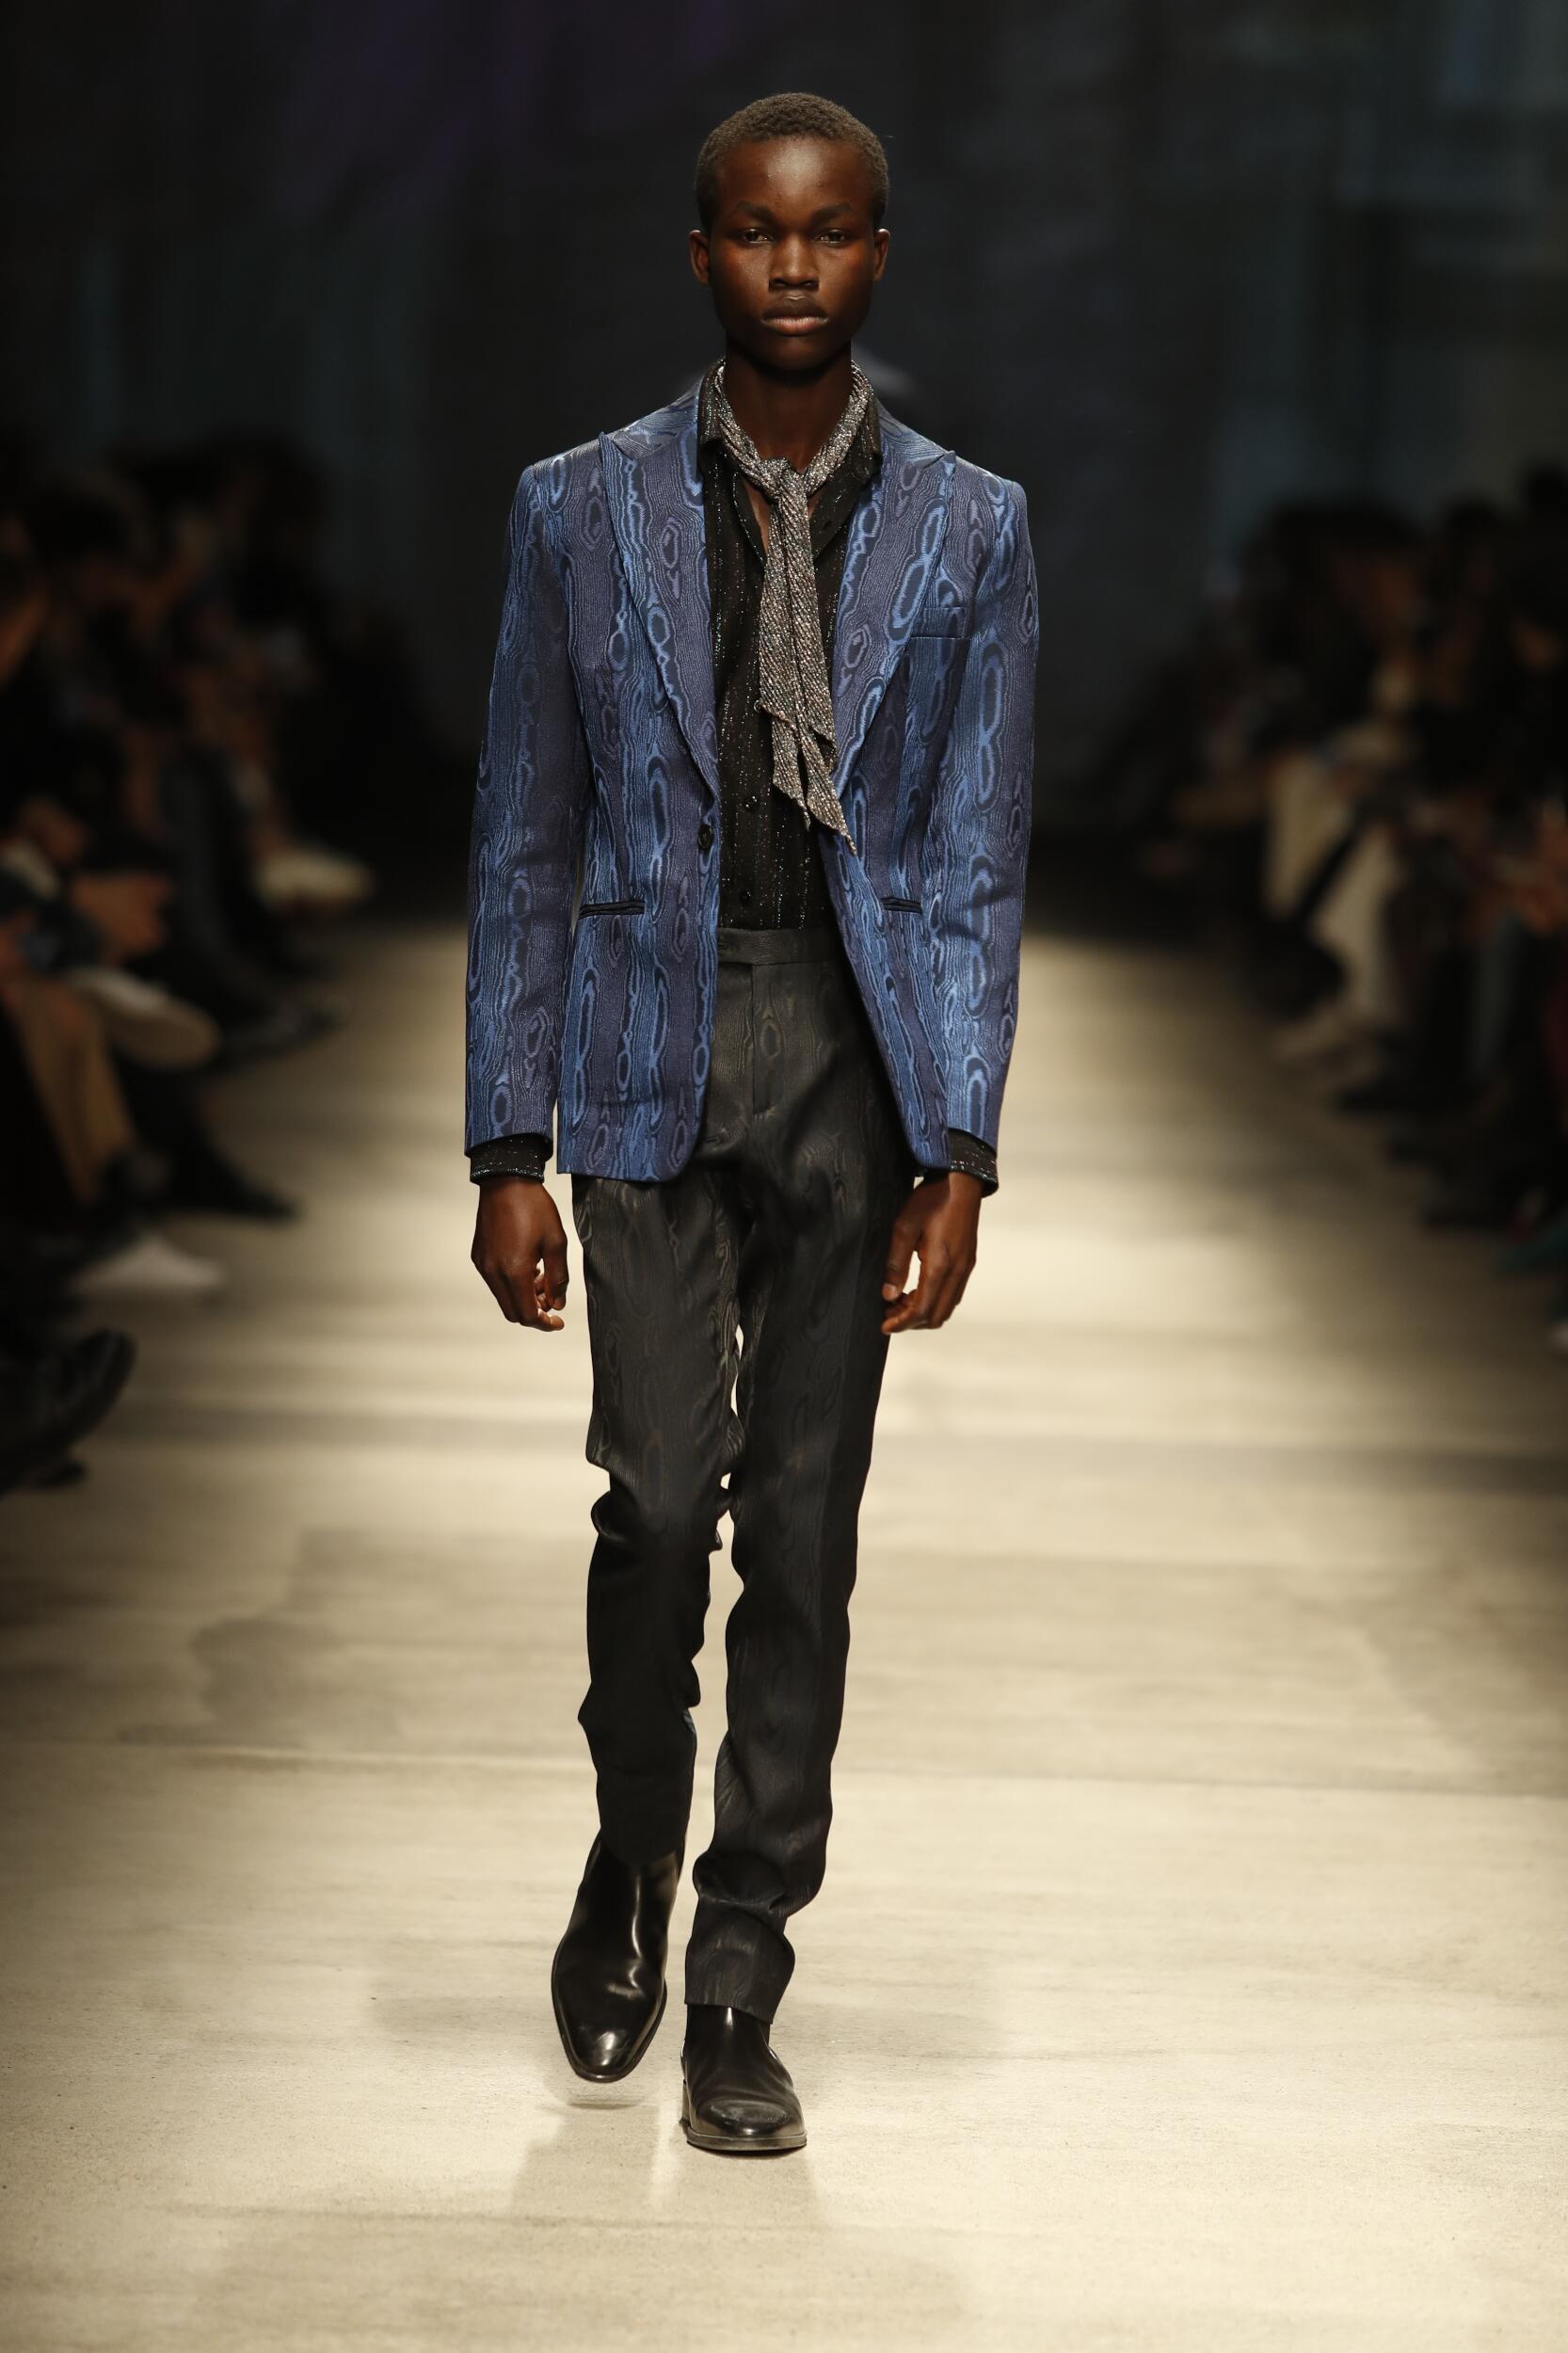 2020 Missoni Catwalk Milan Fashion Week